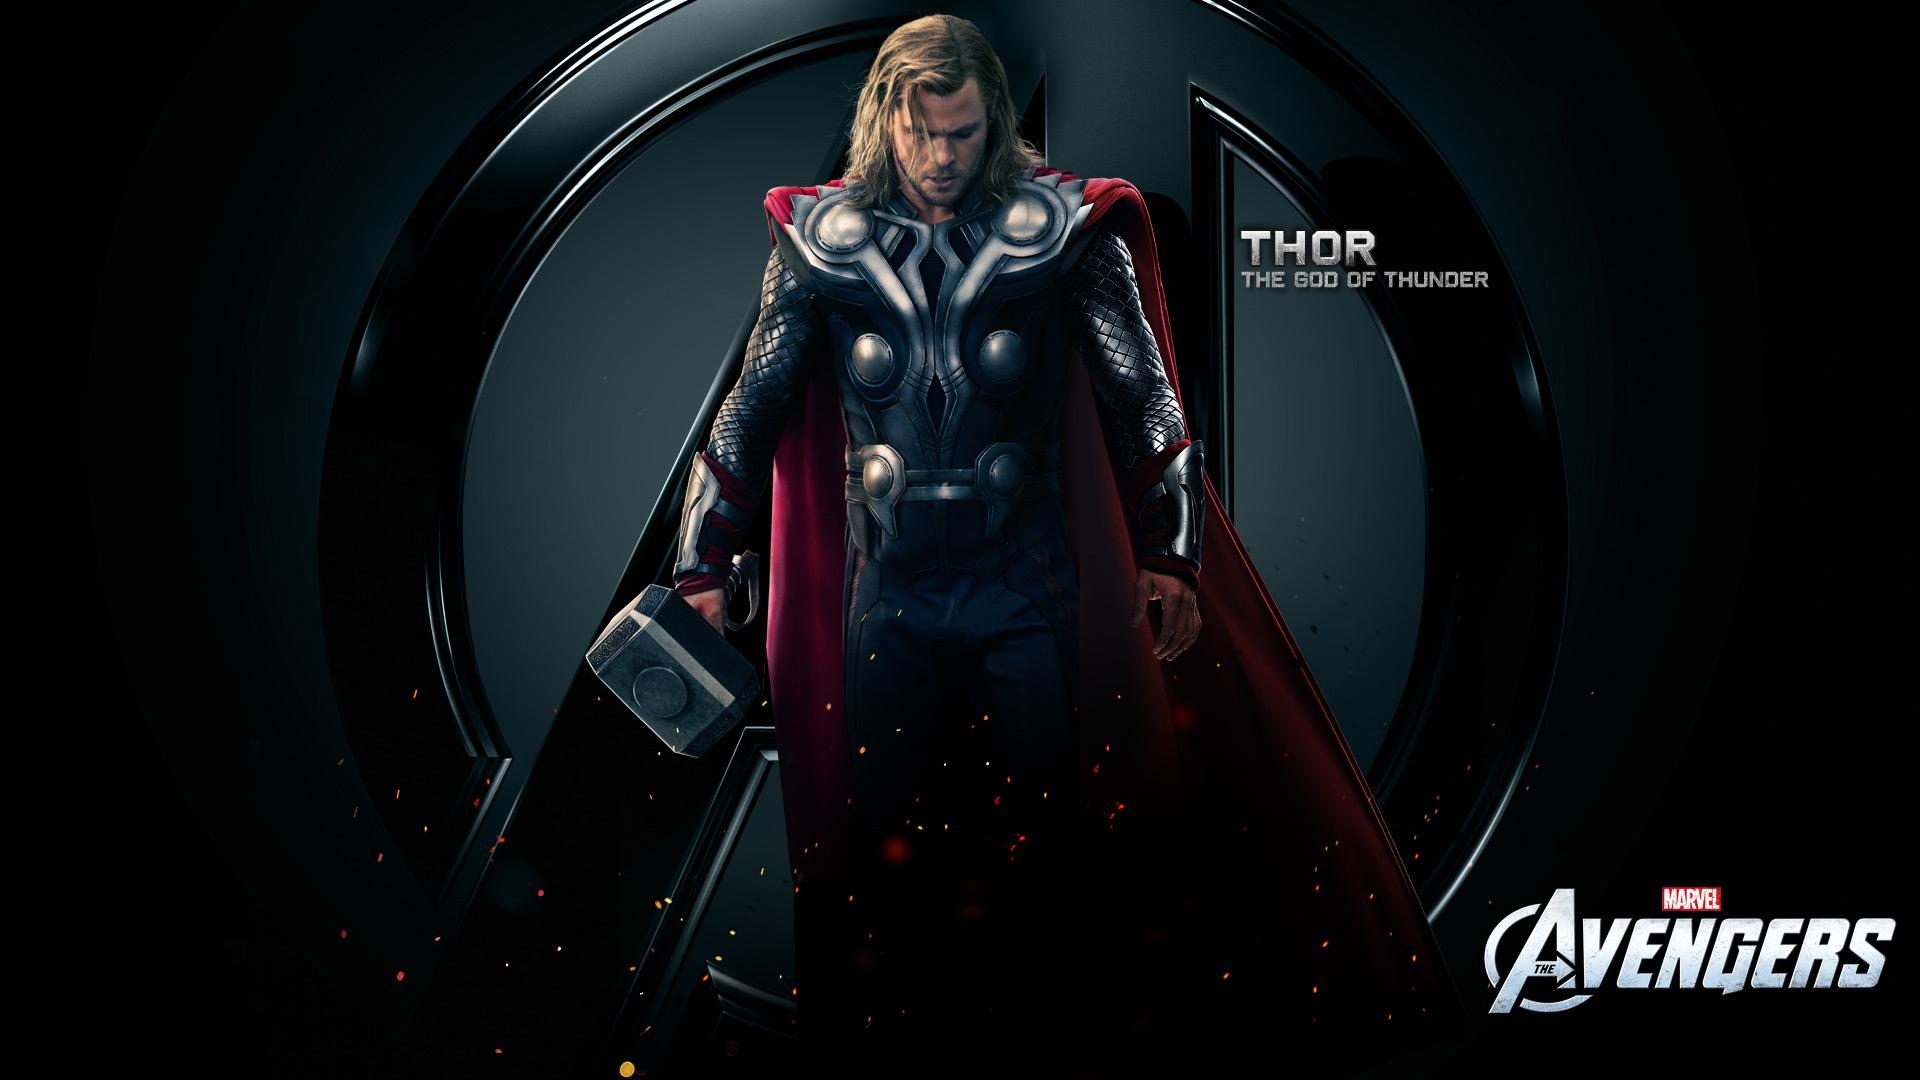 Thor The God of Thunder wallpaper